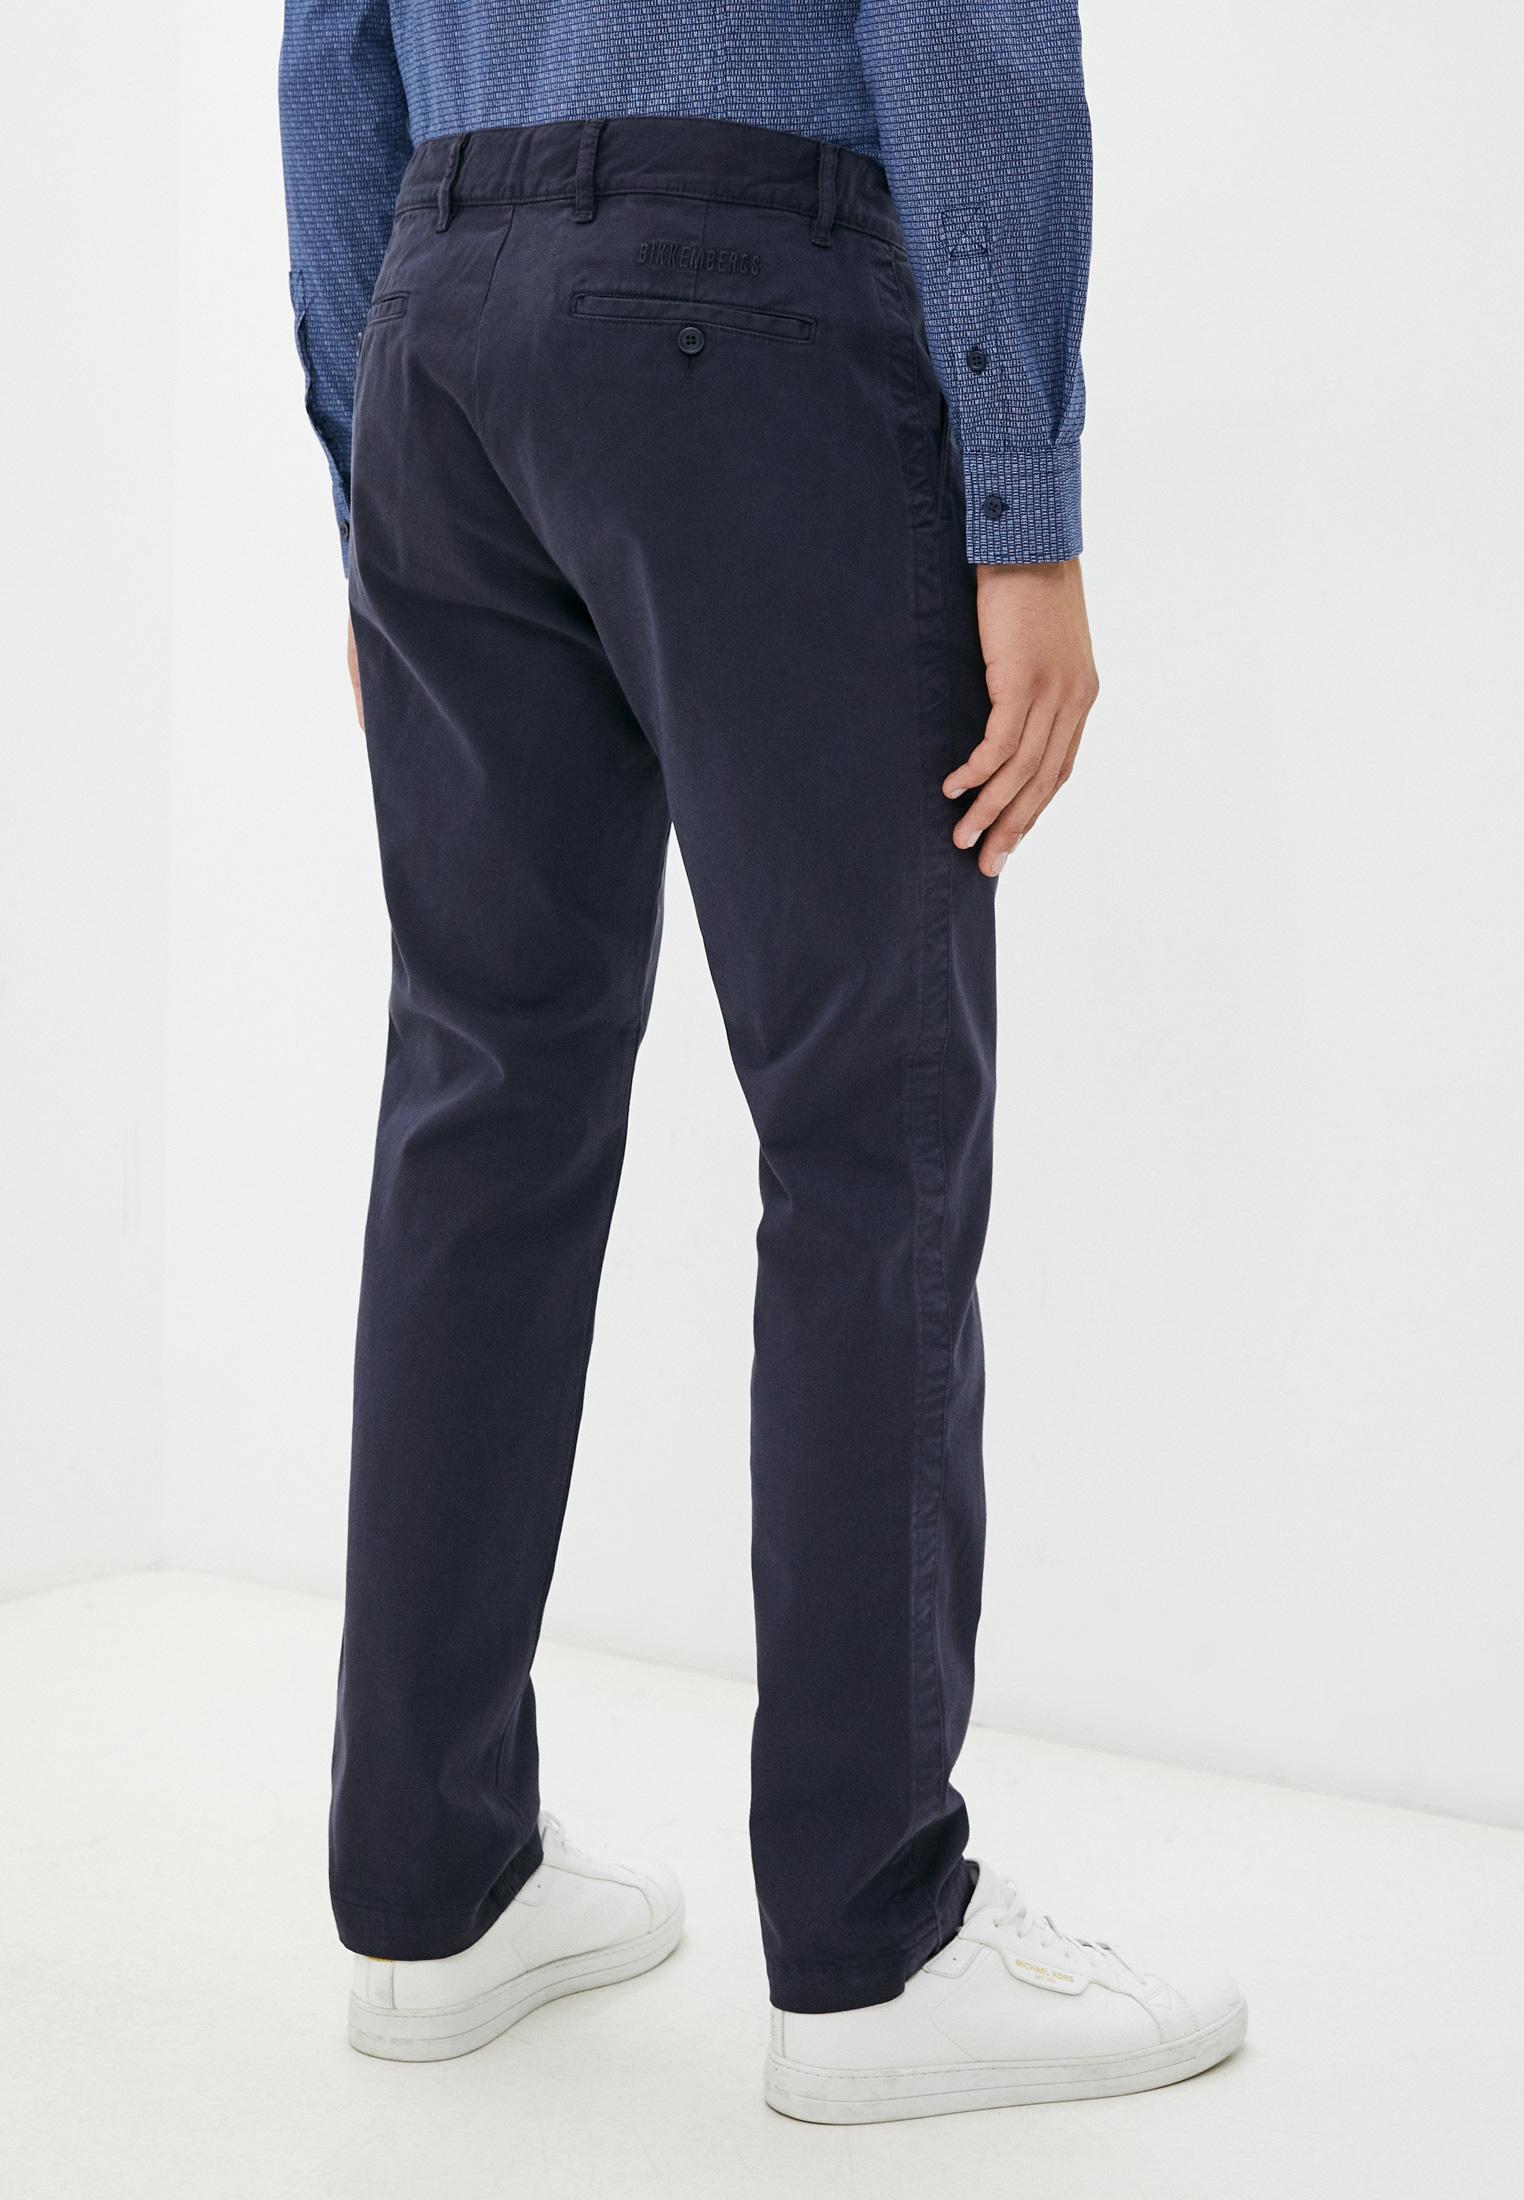 Мужские повседневные брюки Bikkembergs (Биккембергс) C P 001 04 S 3279: изображение 4